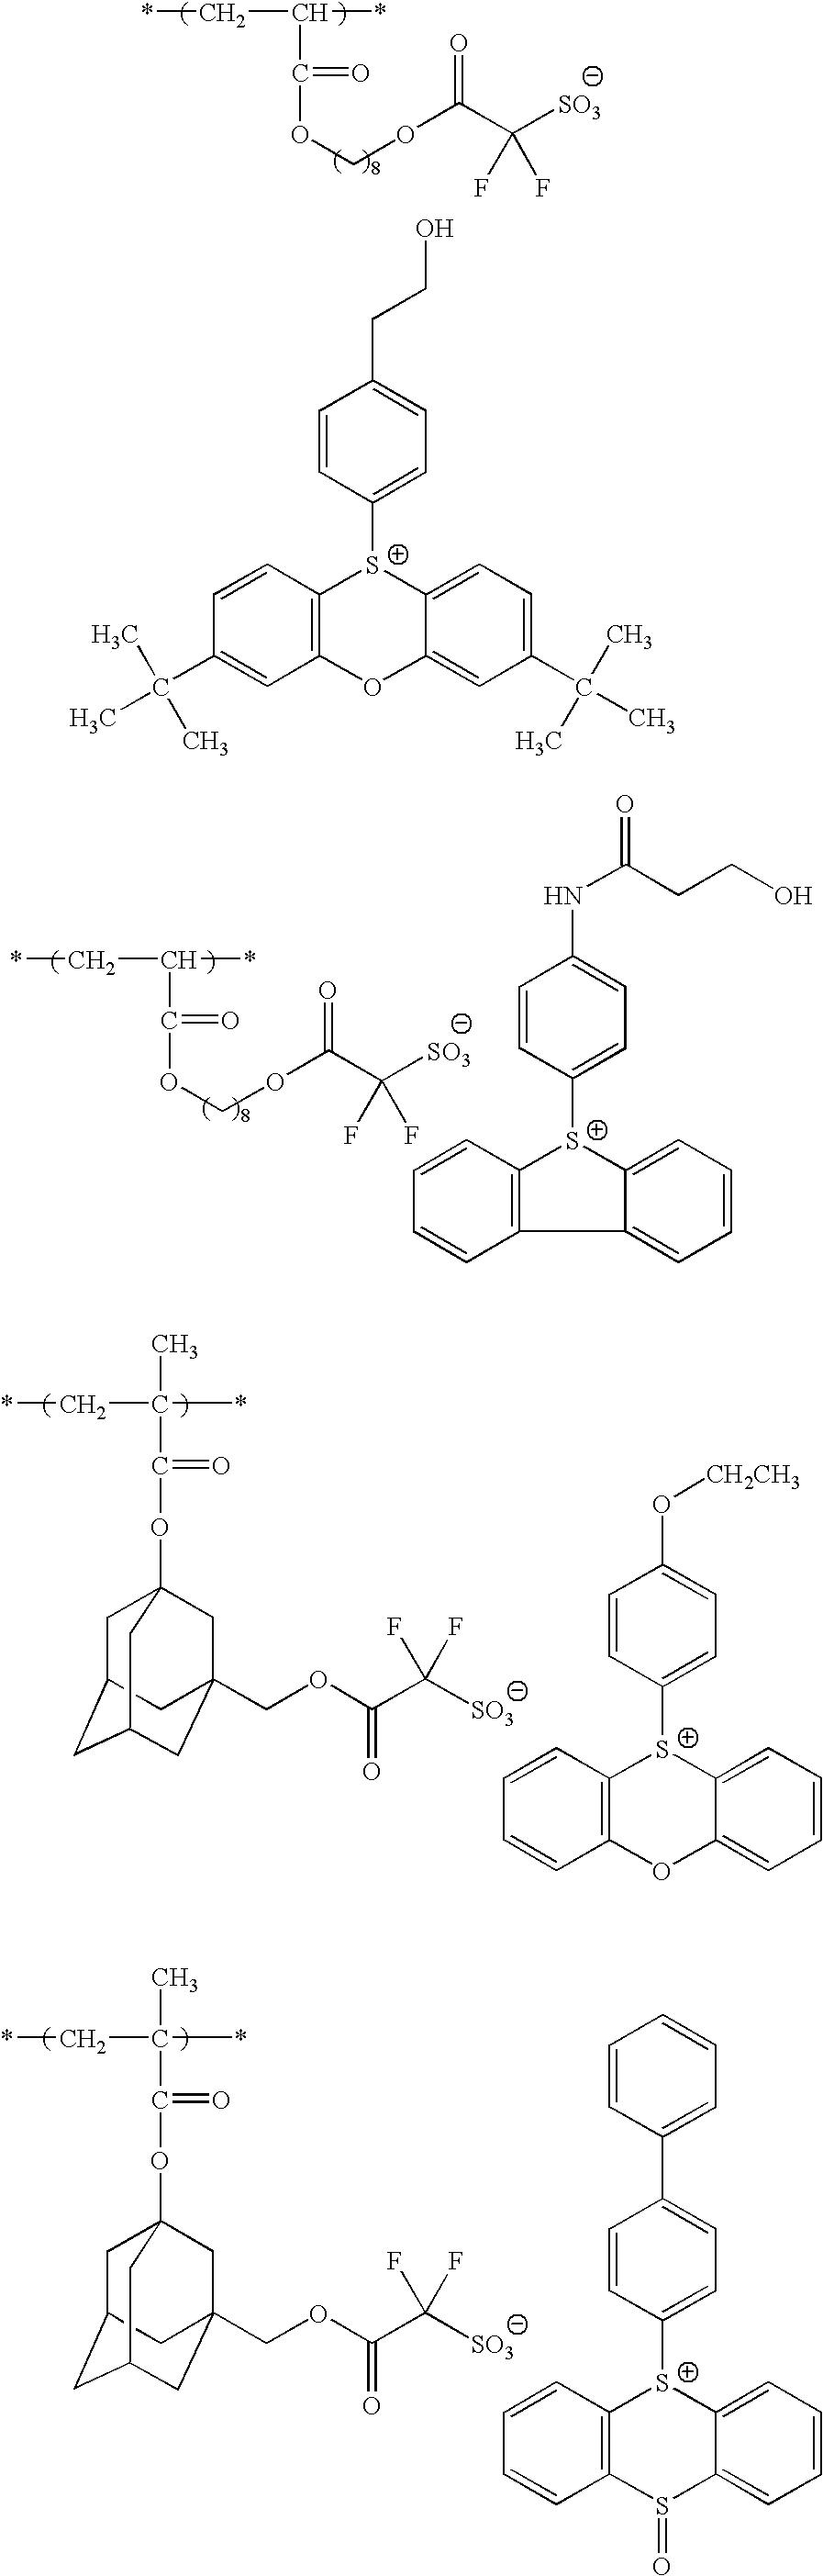 Figure US08852845-20141007-C00068